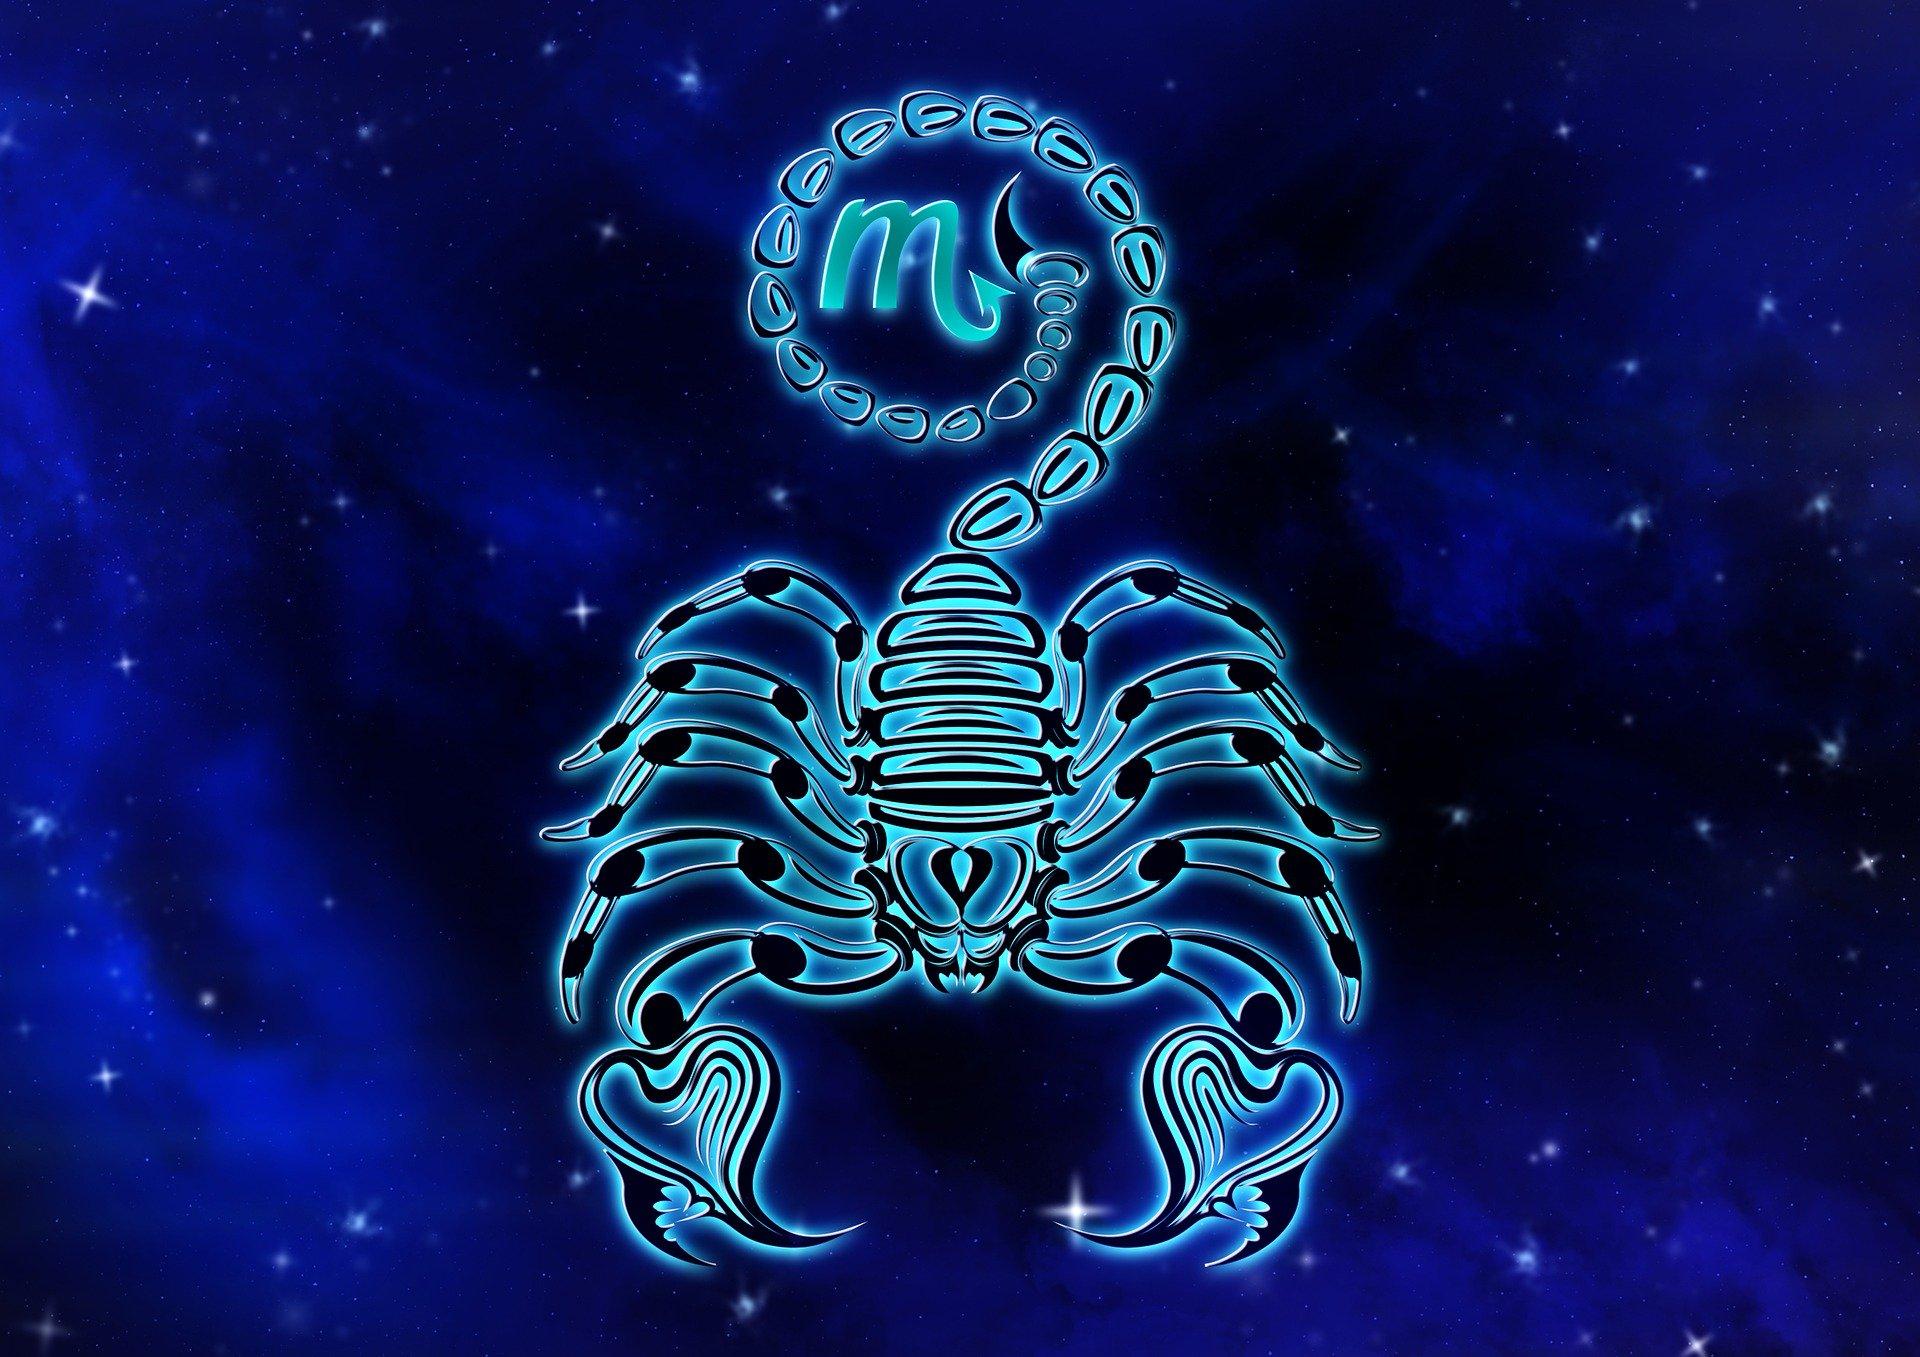 Horoscop anul 2013 Anul Sarpelui de apa - zodia Scorpion